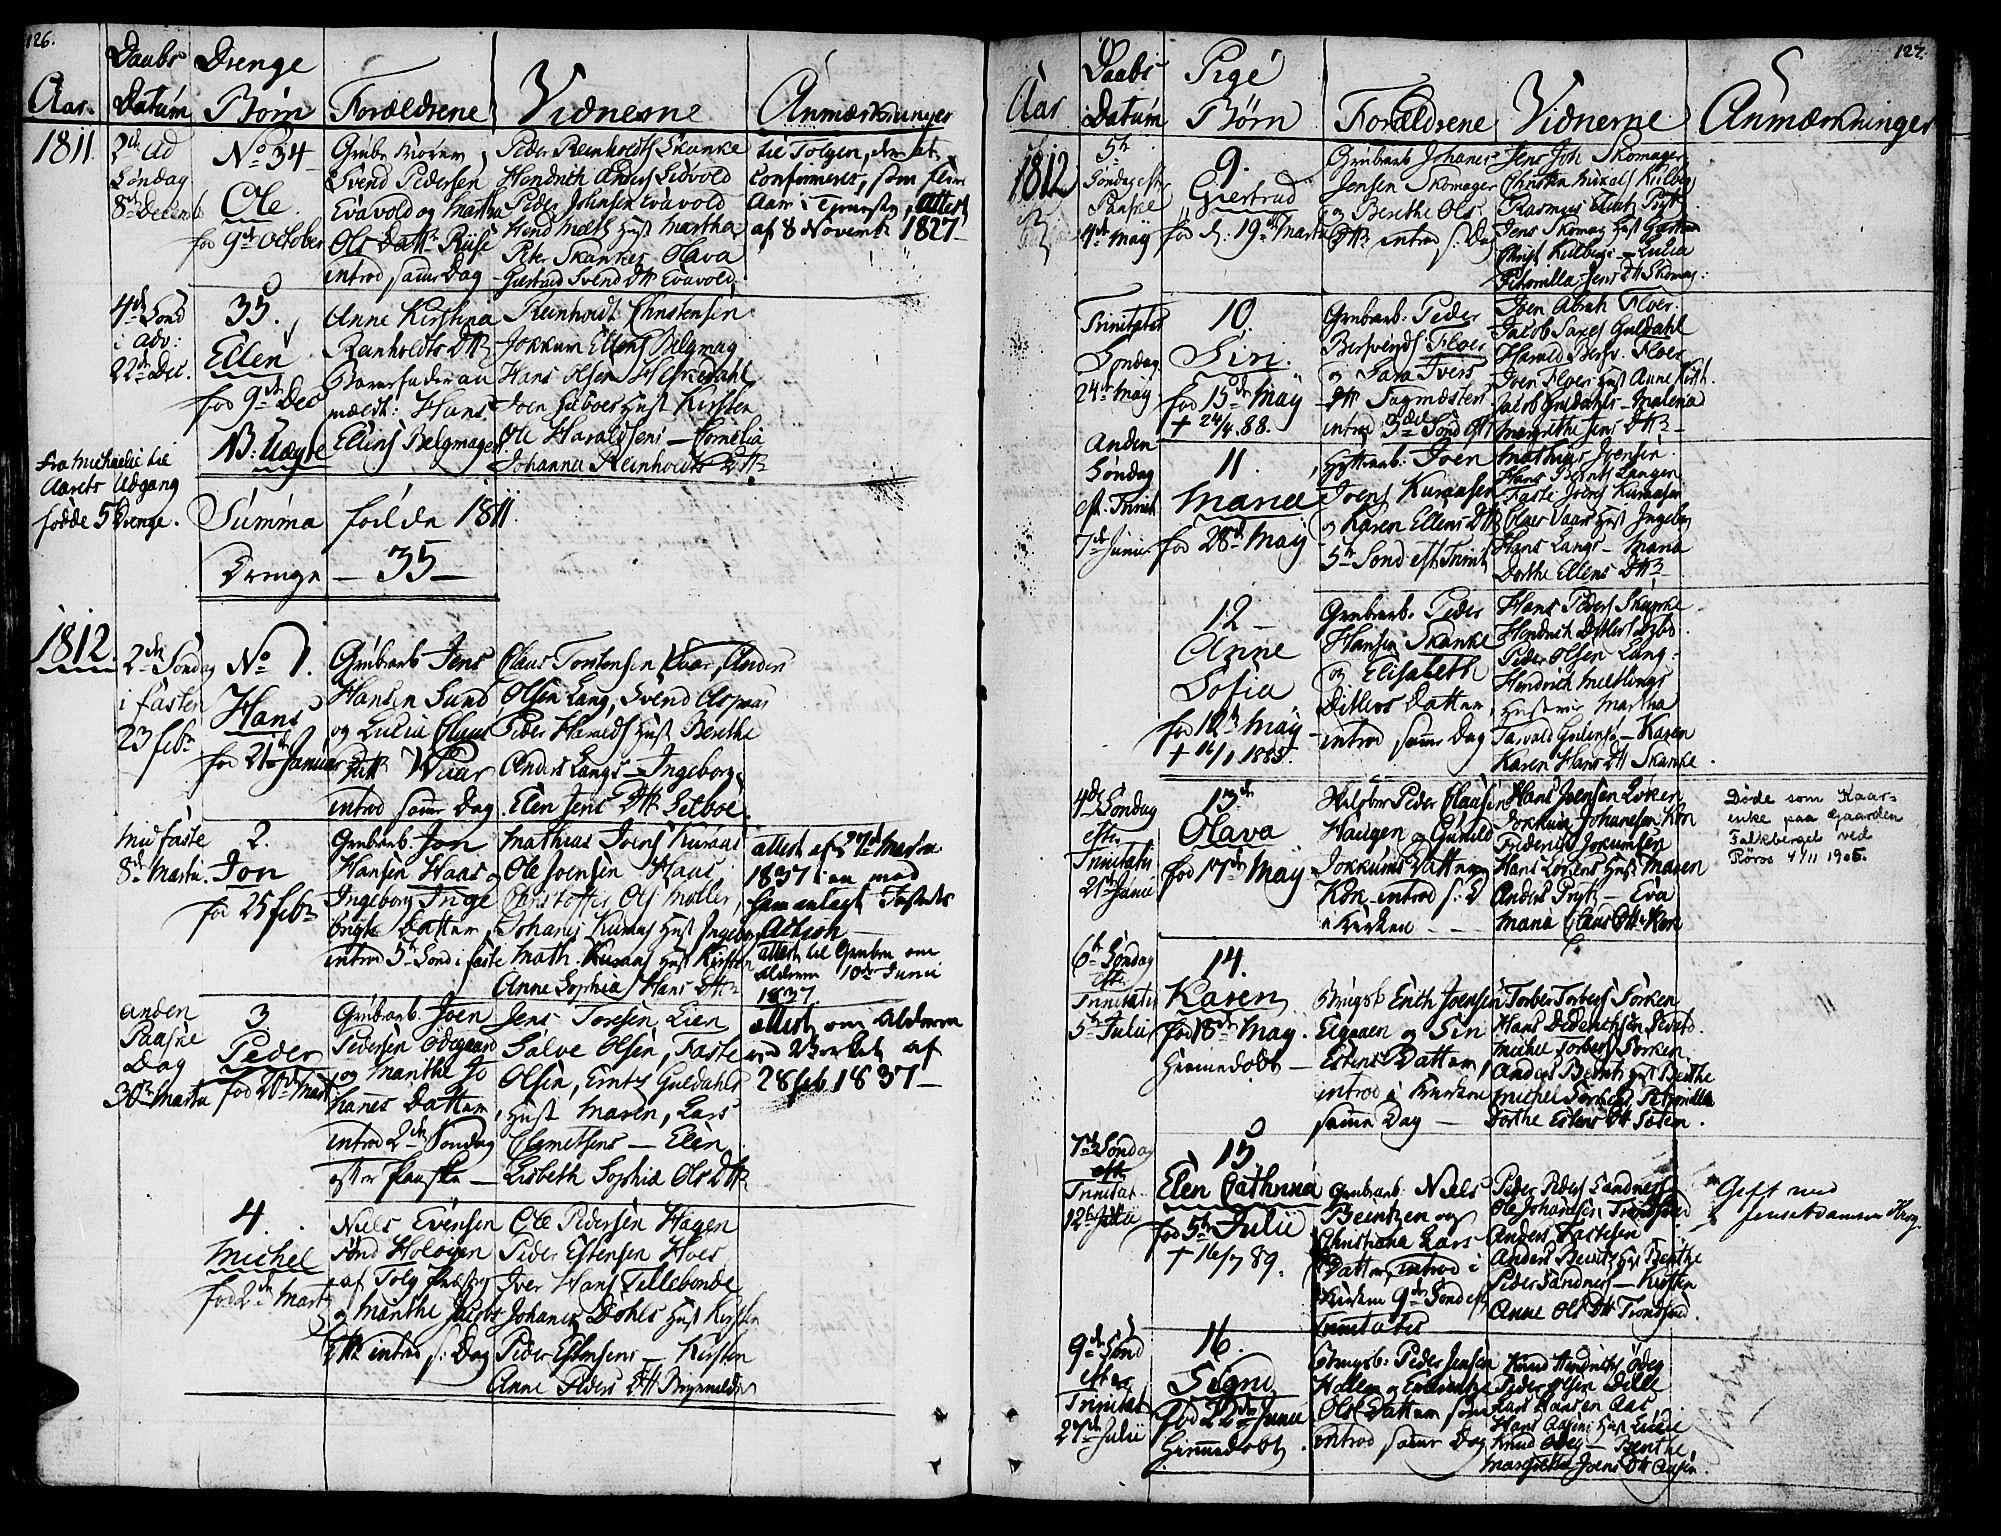 SAT, Ministerialprotokoller, klokkerbøker og fødselsregistre - Sør-Trøndelag, 681/L0928: Ministerialbok nr. 681A06, 1806-1816, s. 126-127